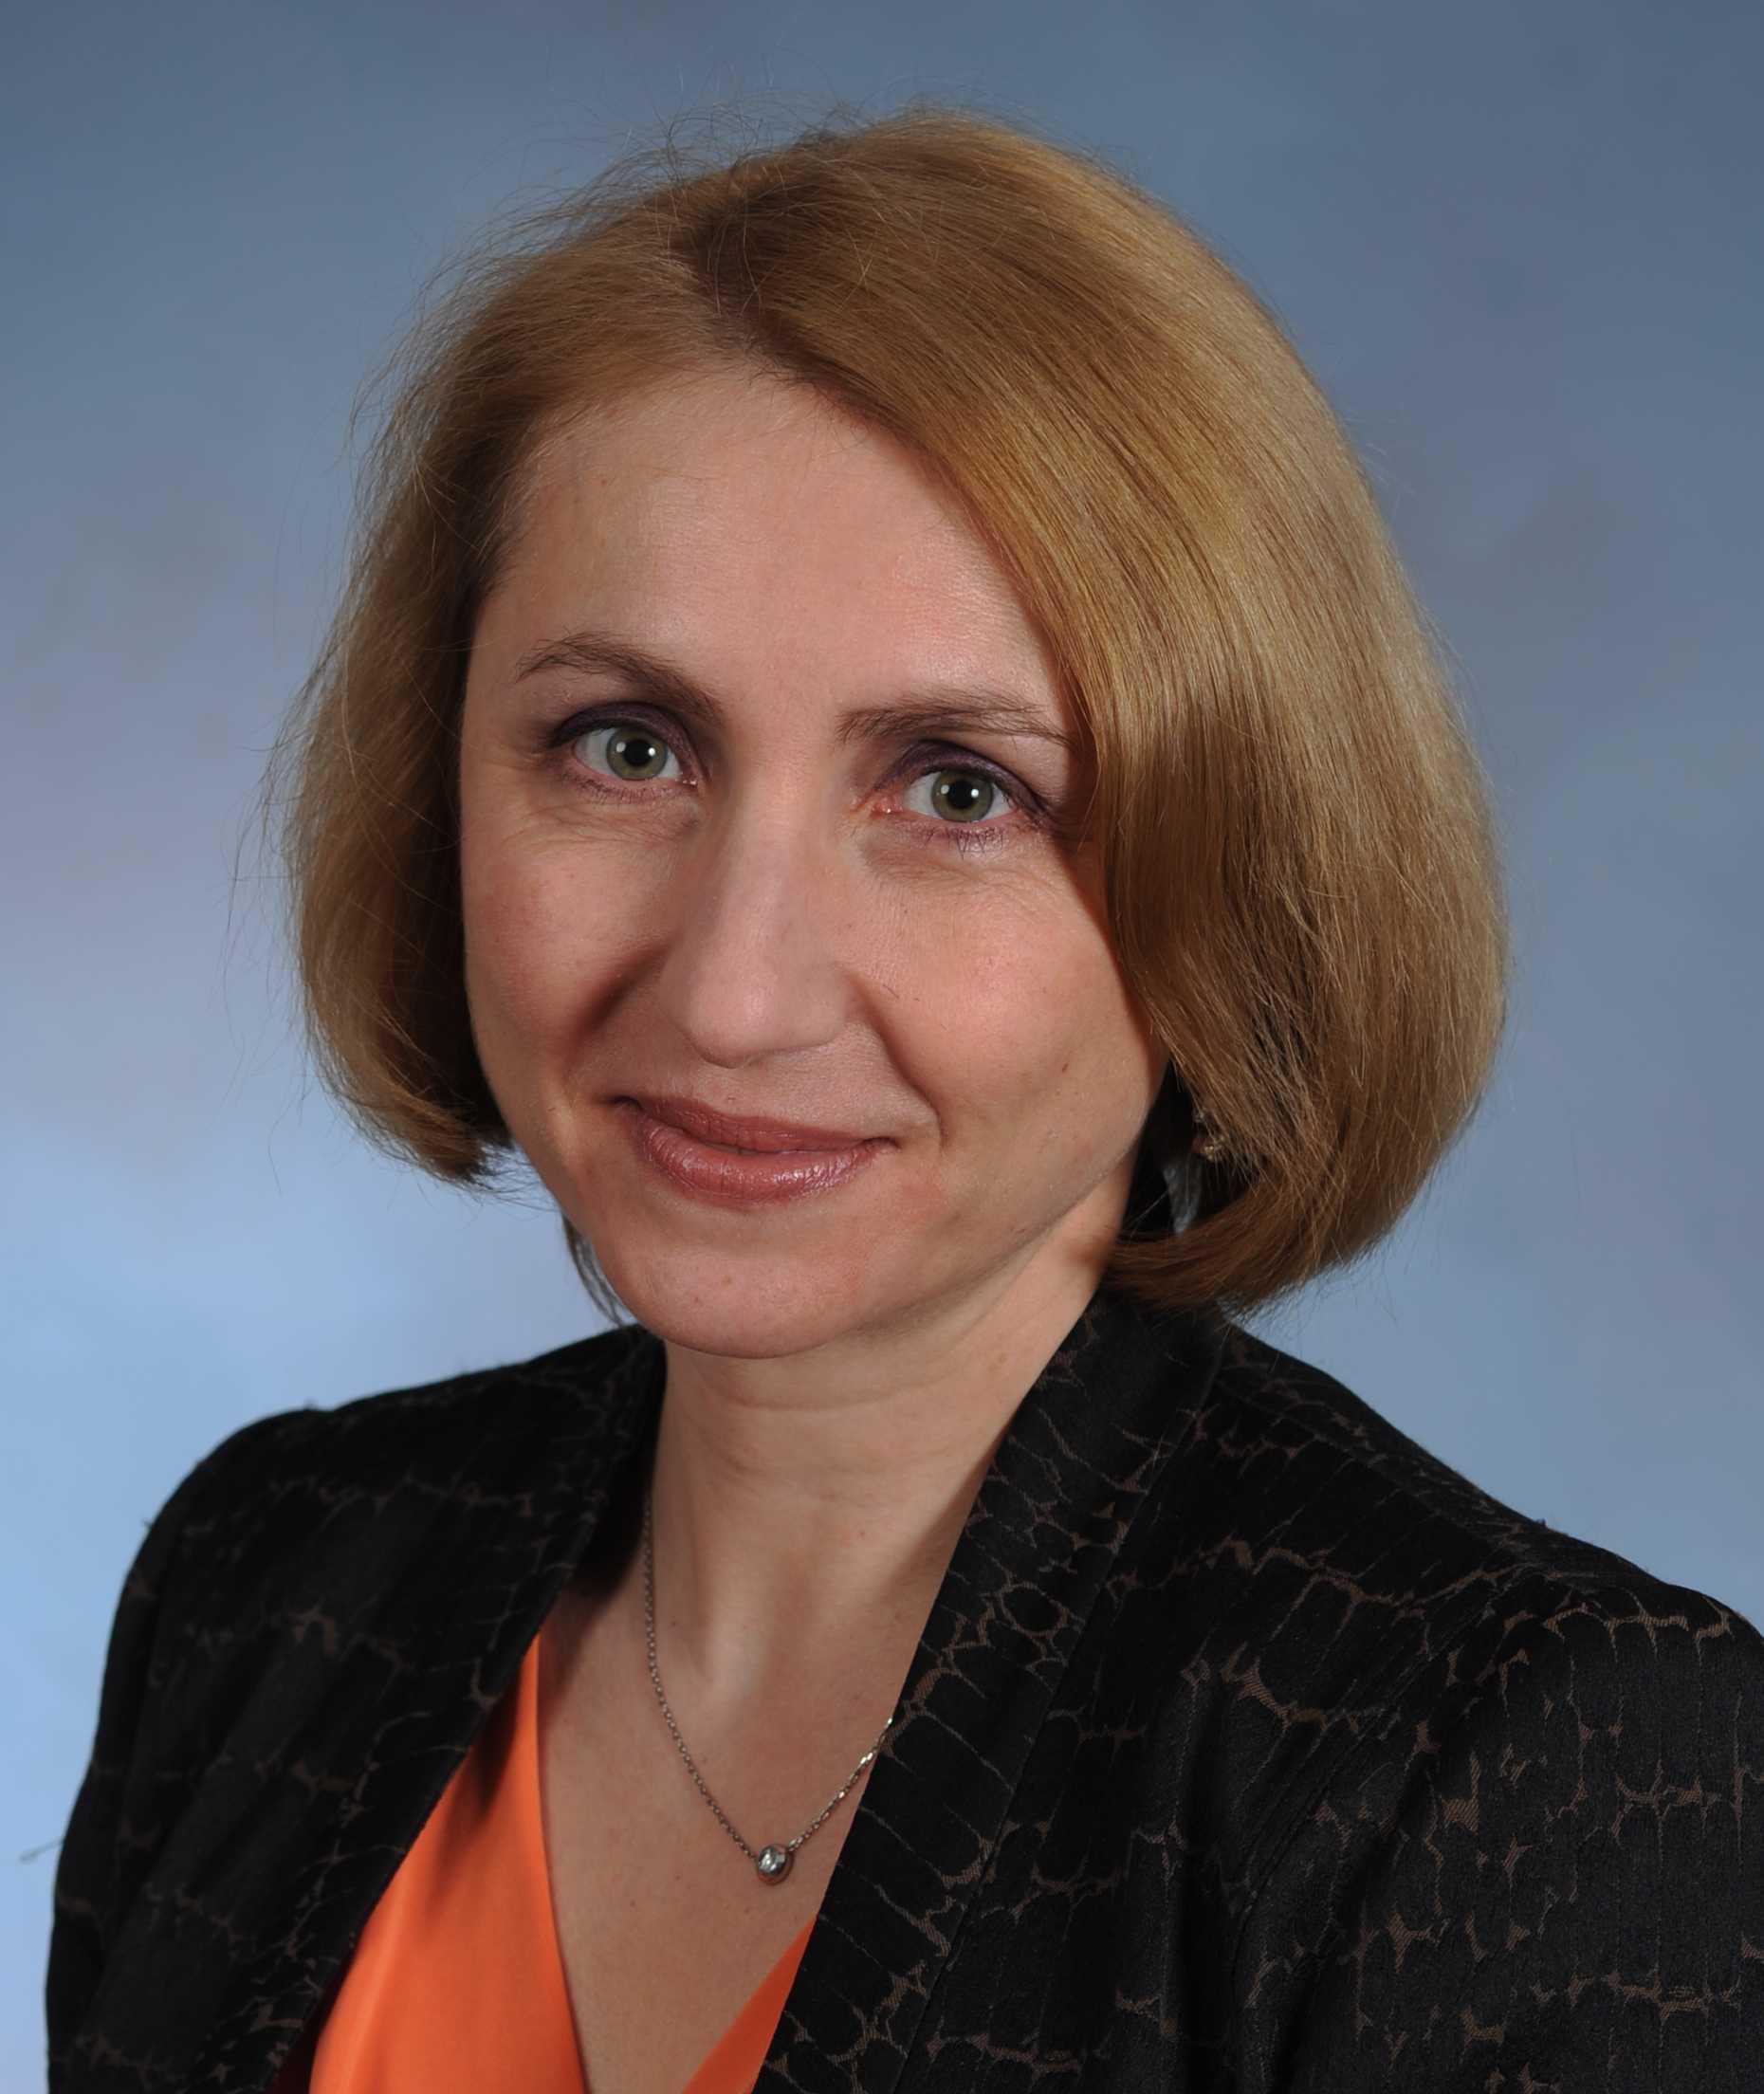 Inna Kuznetsova, CEO of 1010data